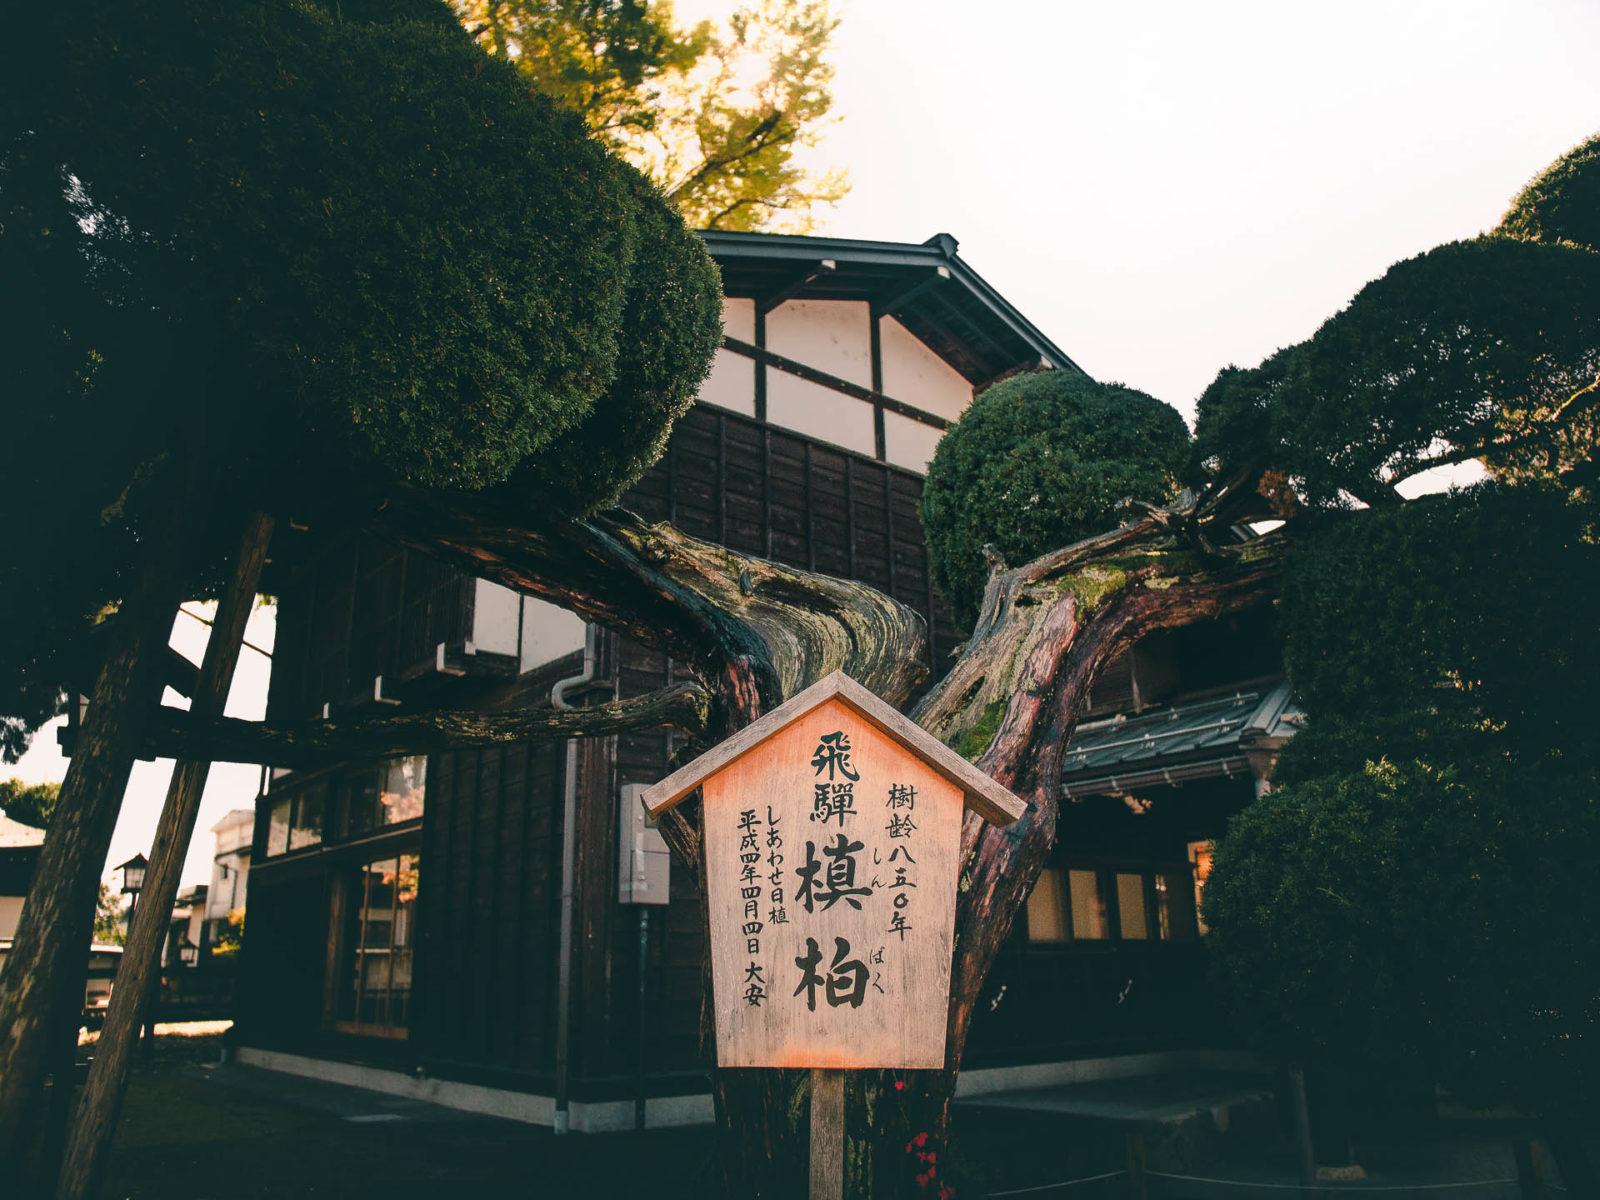 1600942431 878 Hida Furukawa camina en Japon inspiracion de Your Name